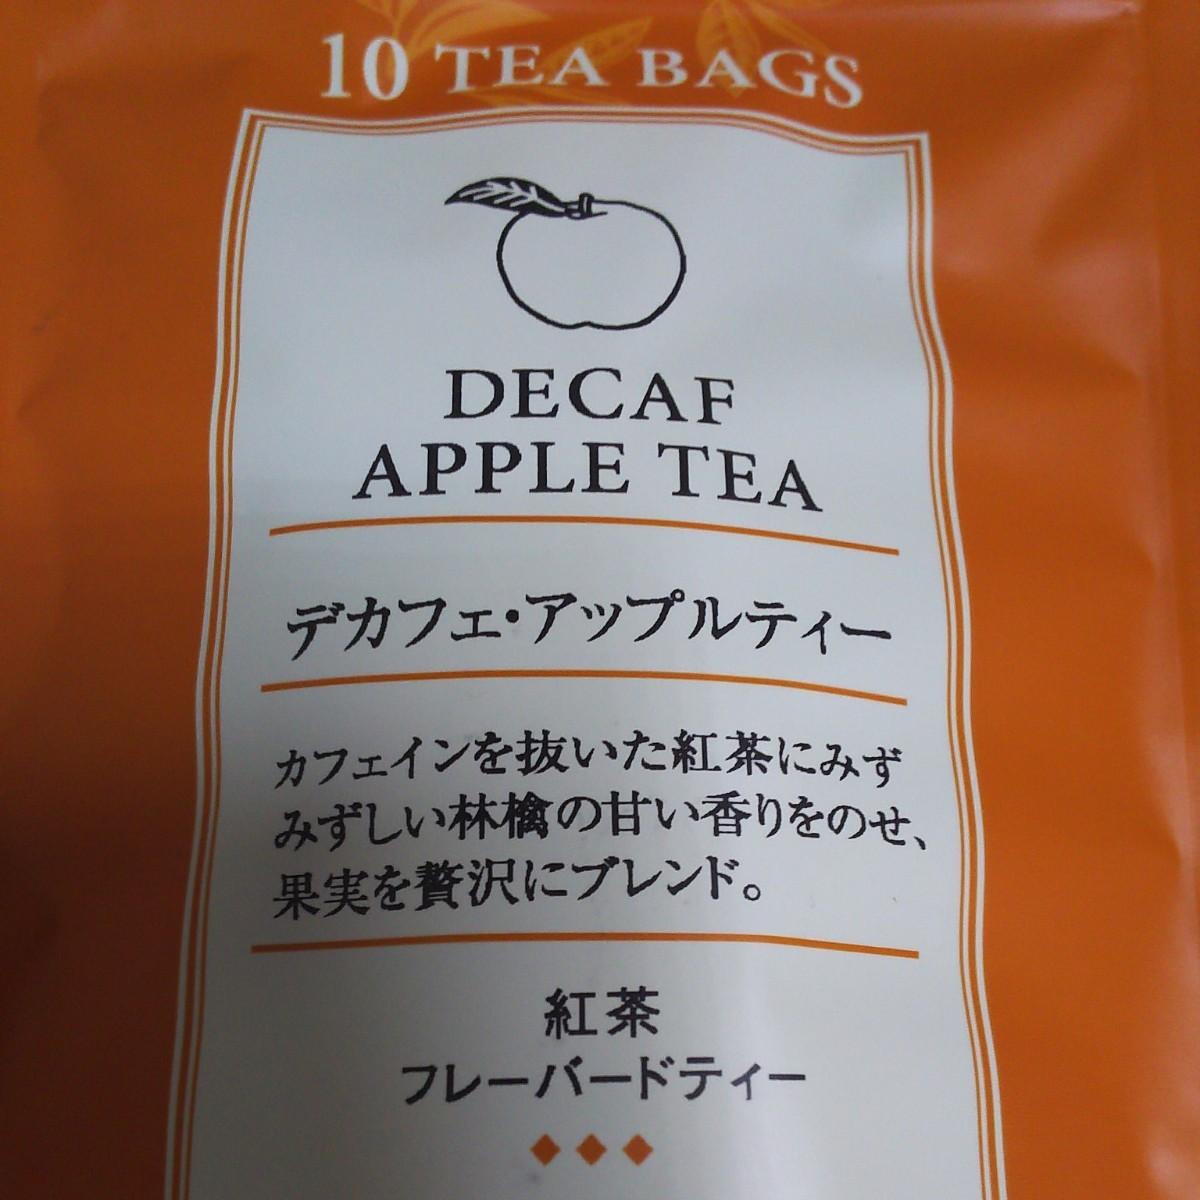 デカフェ アップルティー ルピシア ティーバッグ ノンカフェイン 紅茶